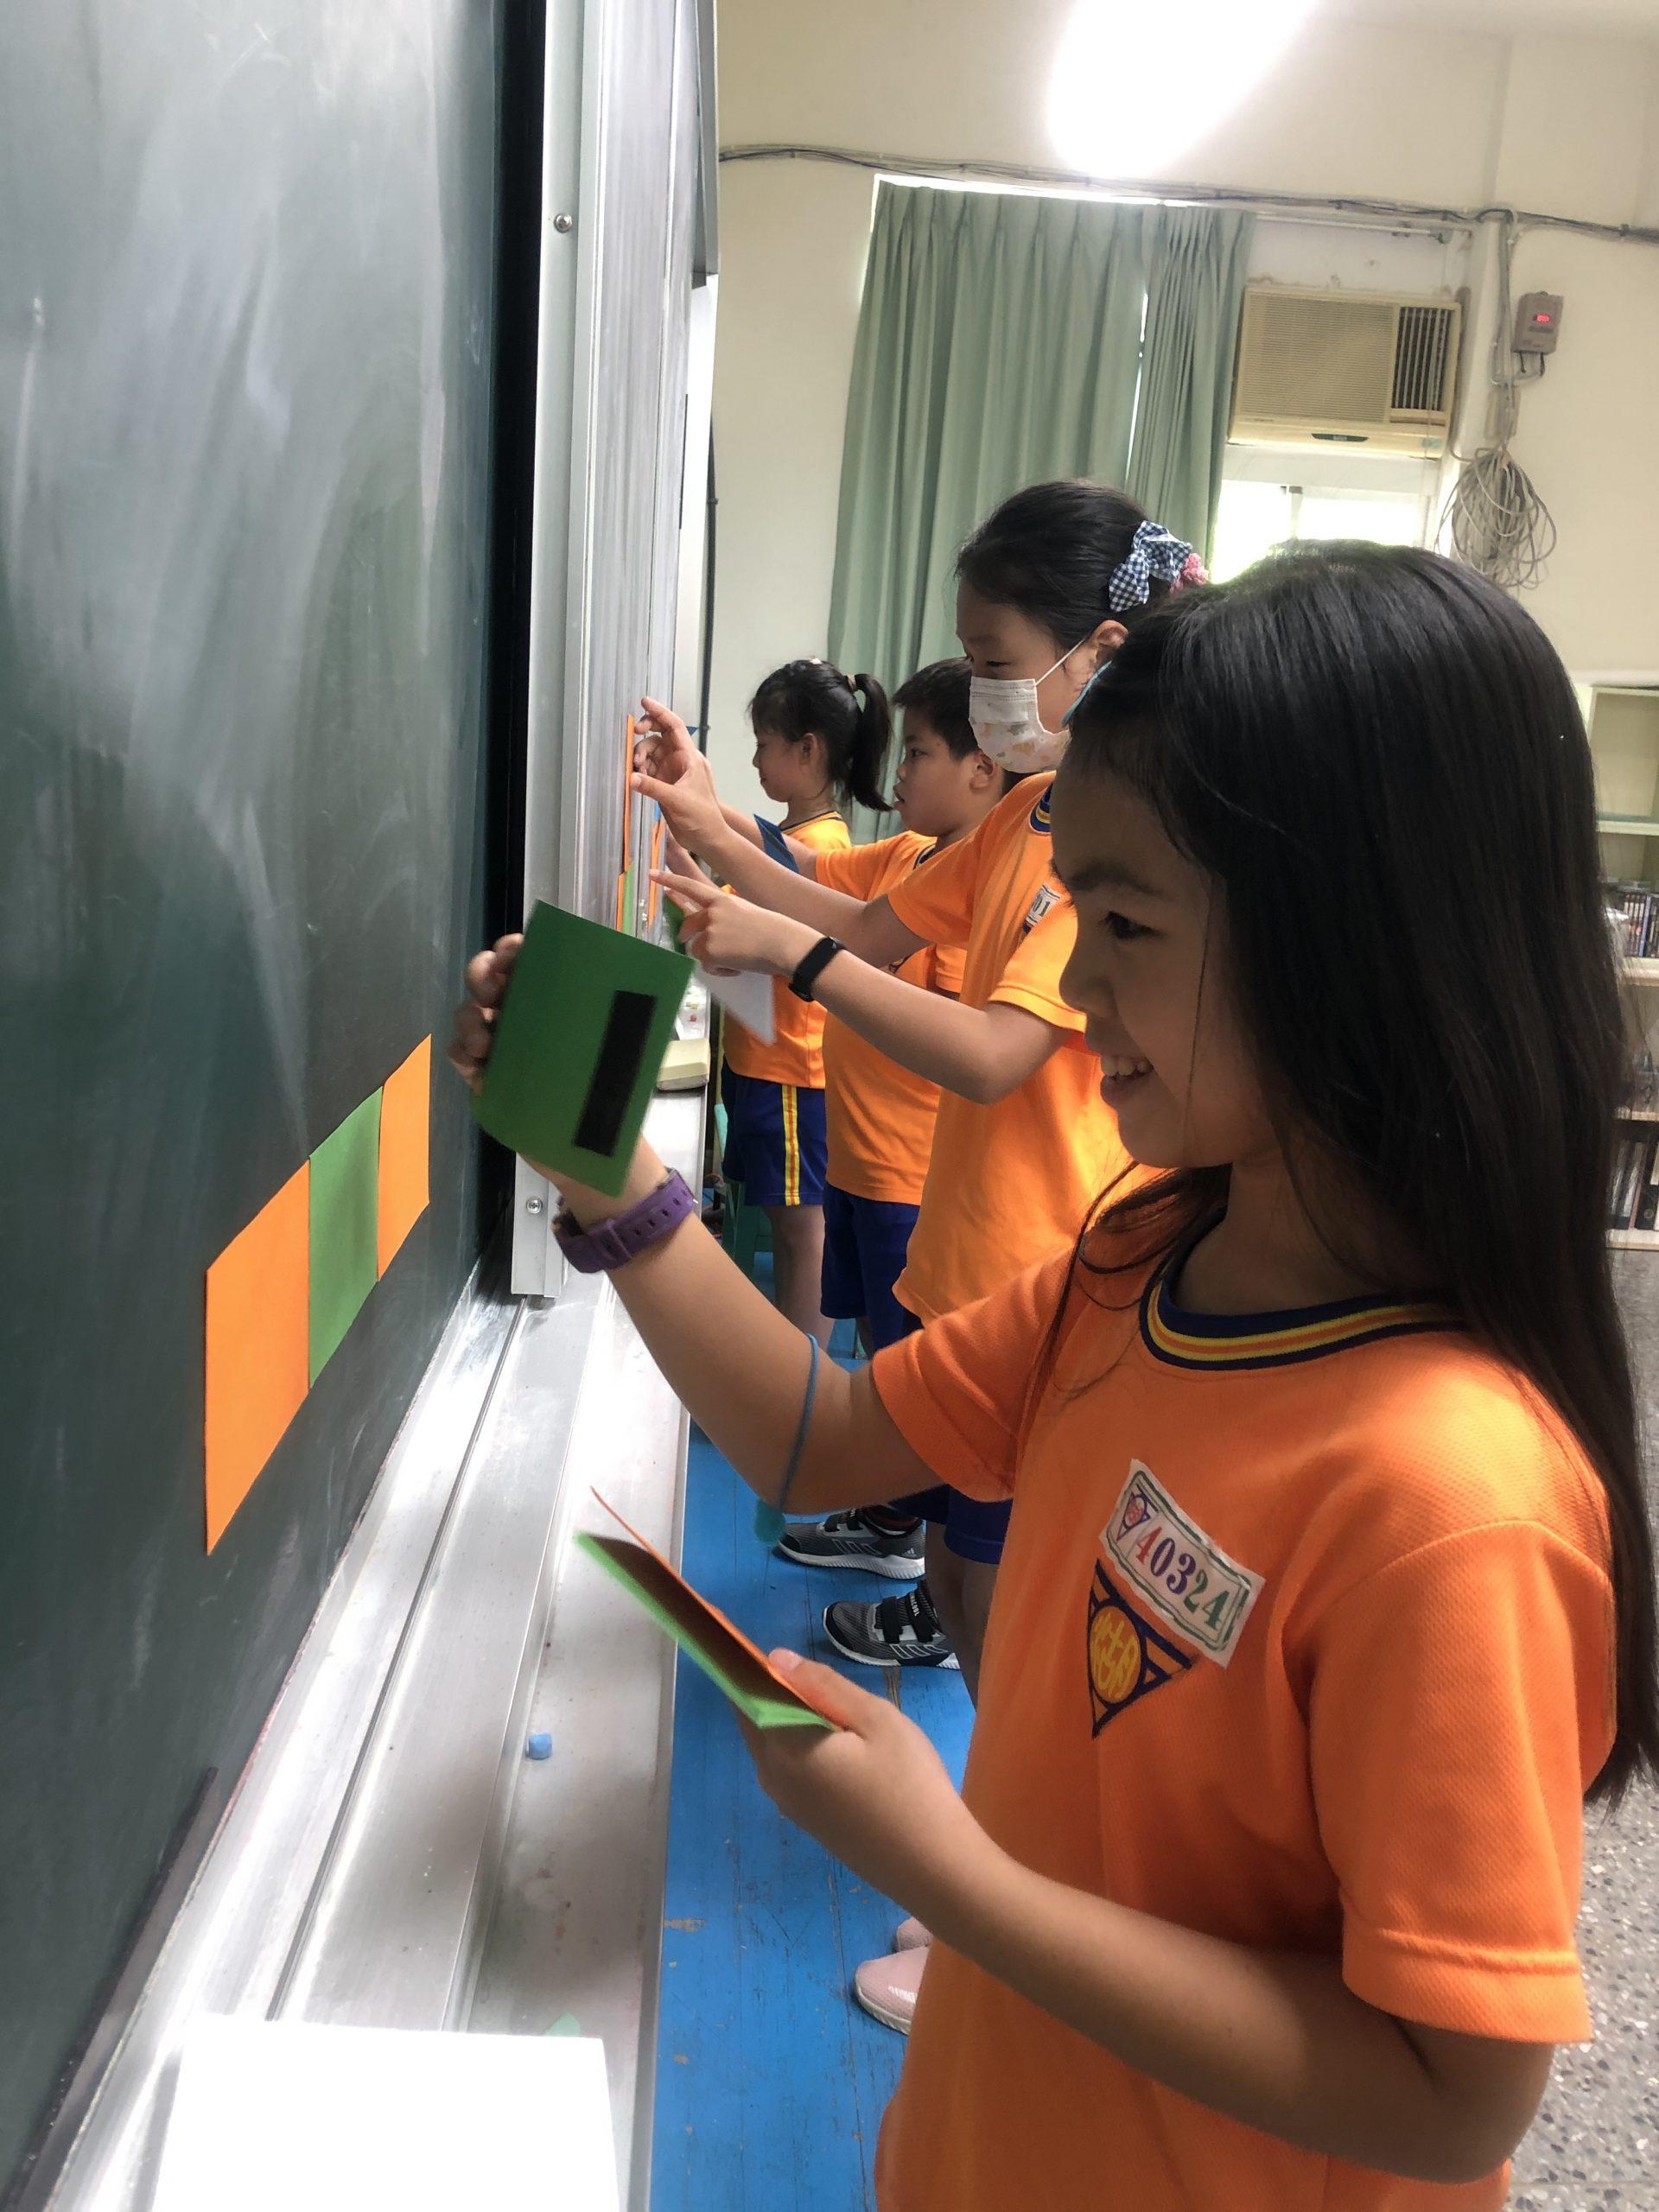 109s1★w3-4★GS33 0914-0927 桃米村-特生中心生態課程校外教學